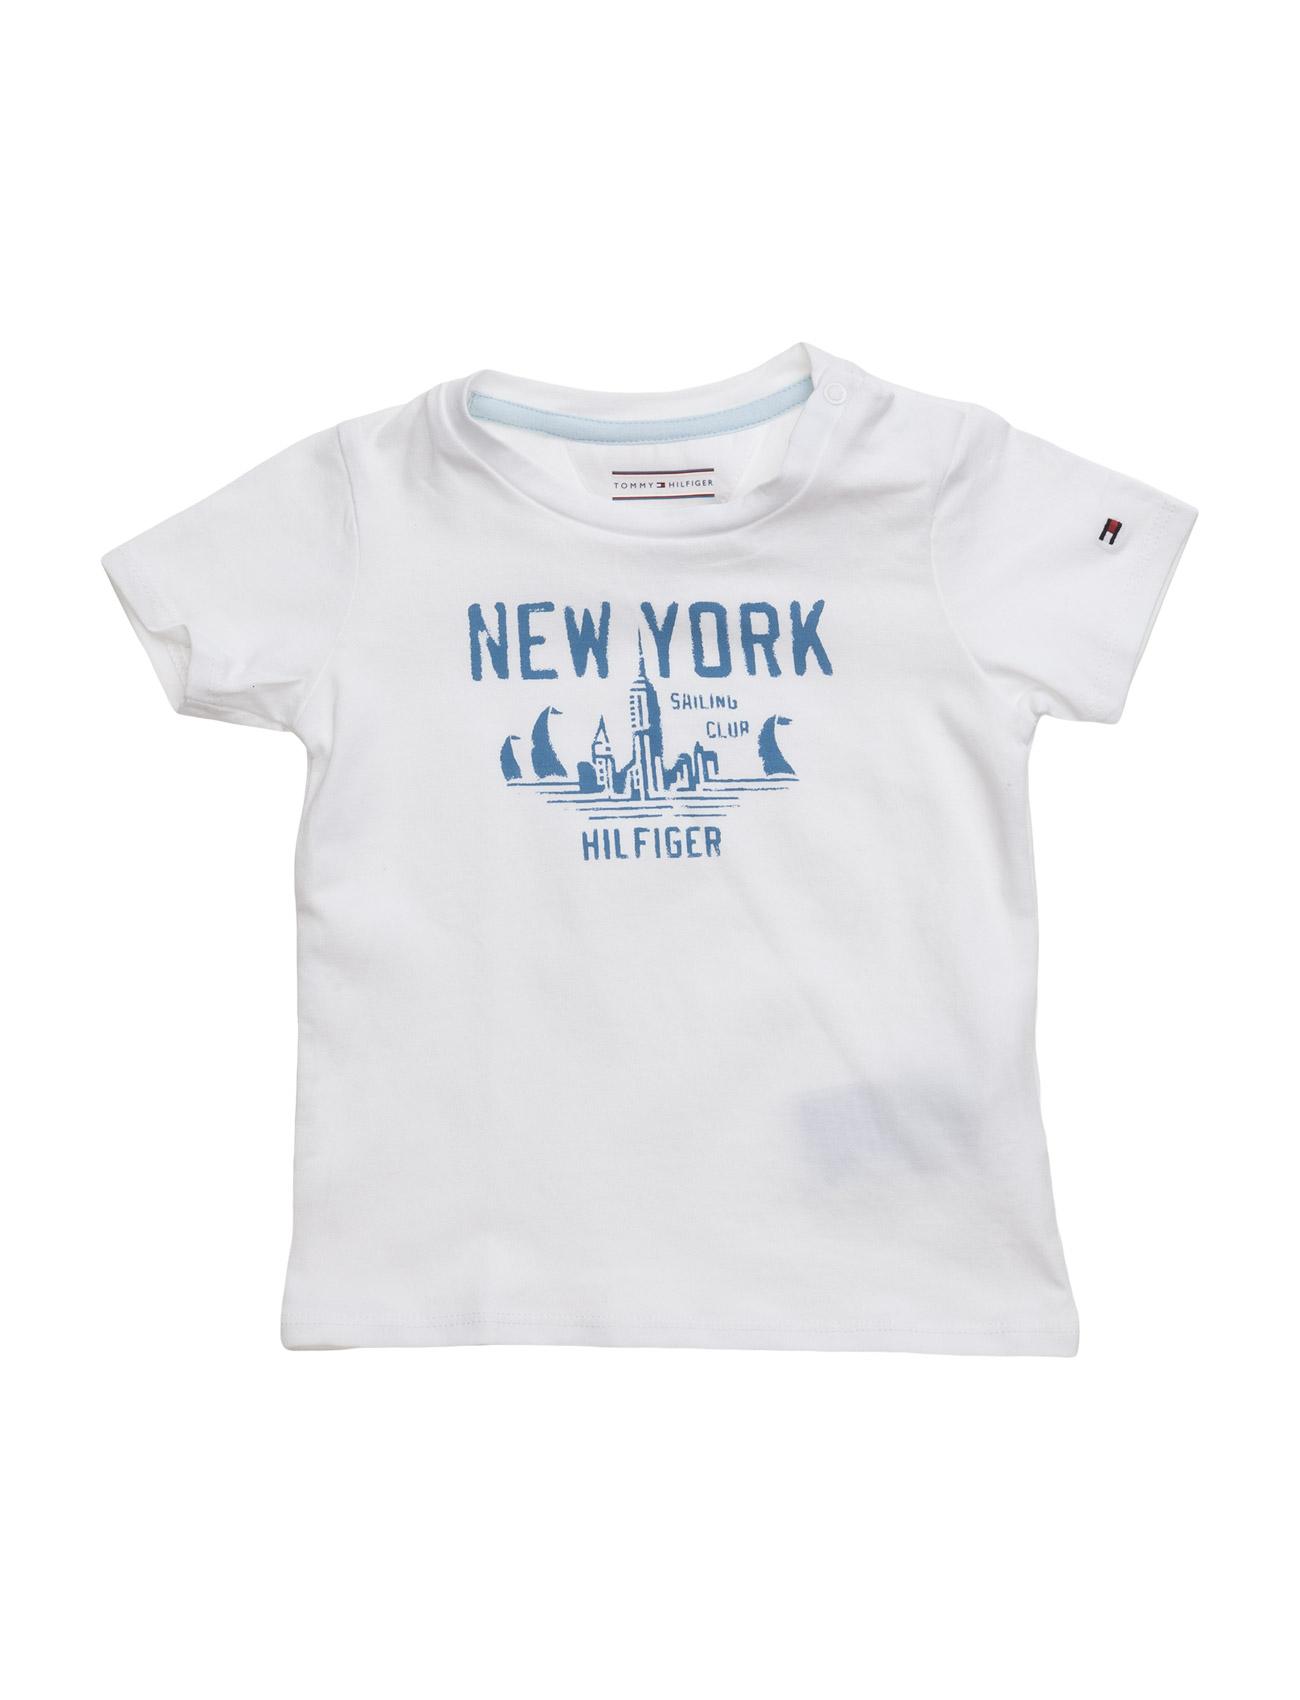 Hilfiger Baby Boy Tee S/S Tommy Hilfiger Kortærmede t-shirts til Børn i hvid